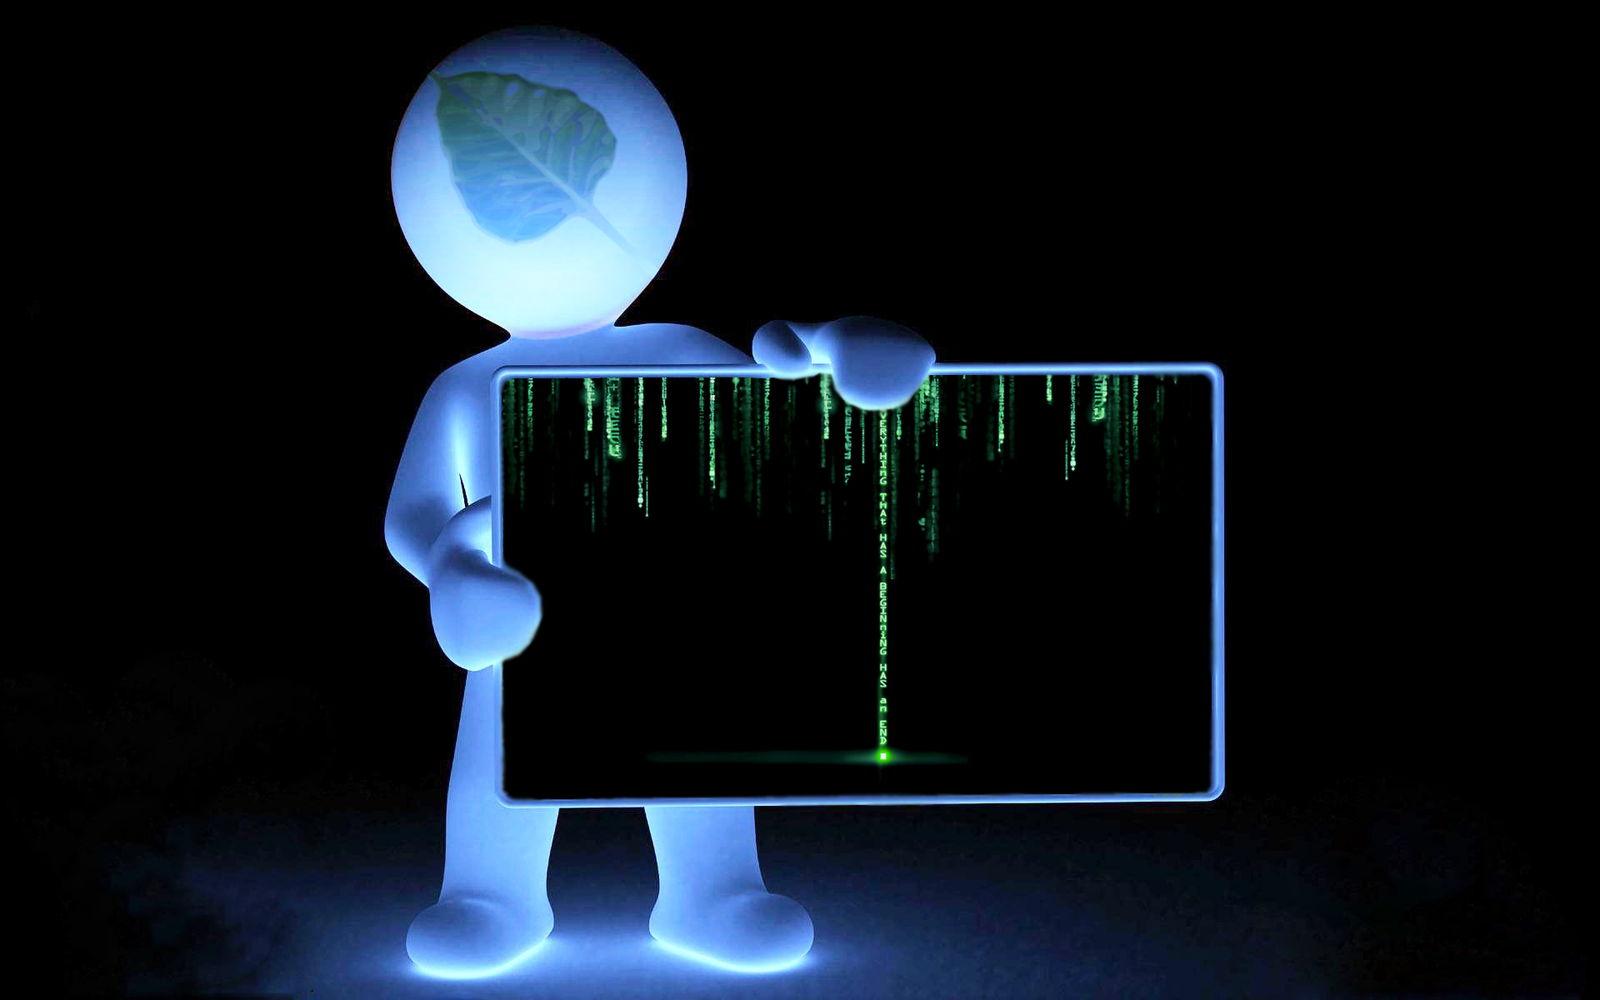 Que significa que el software sea de código abierto?